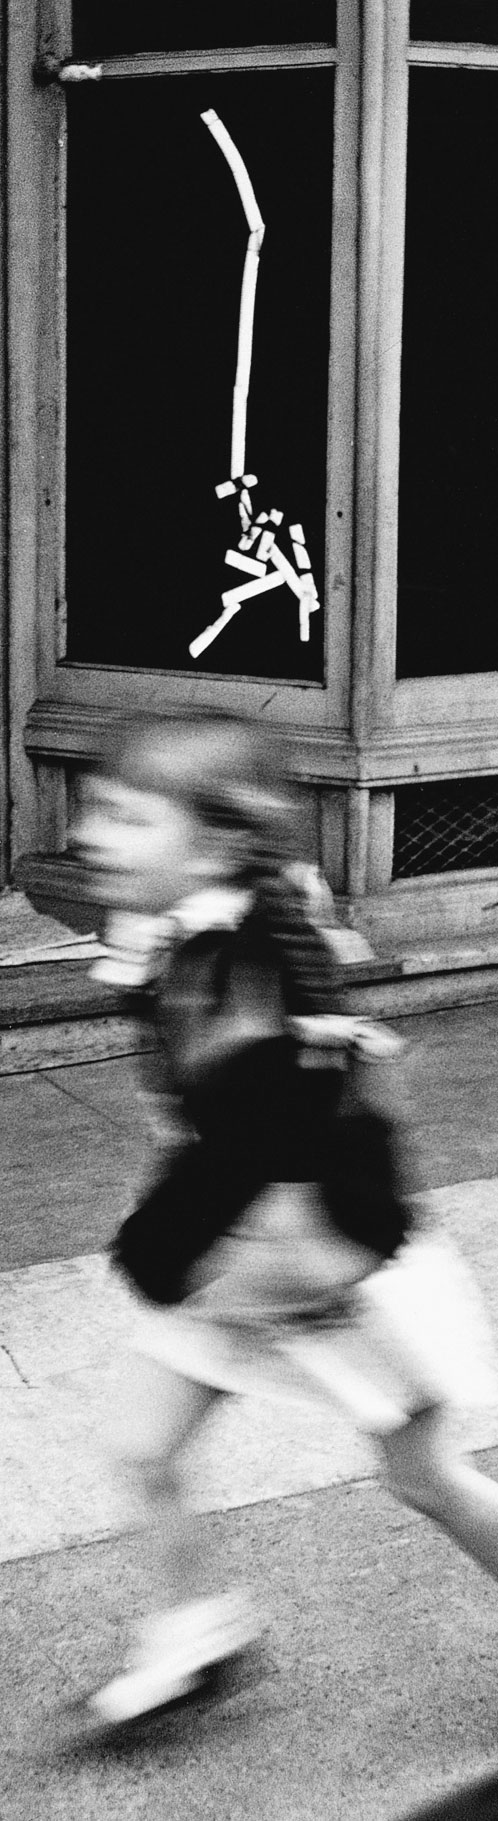 Minor White. 'Mission District, San Francisco, California' 1949